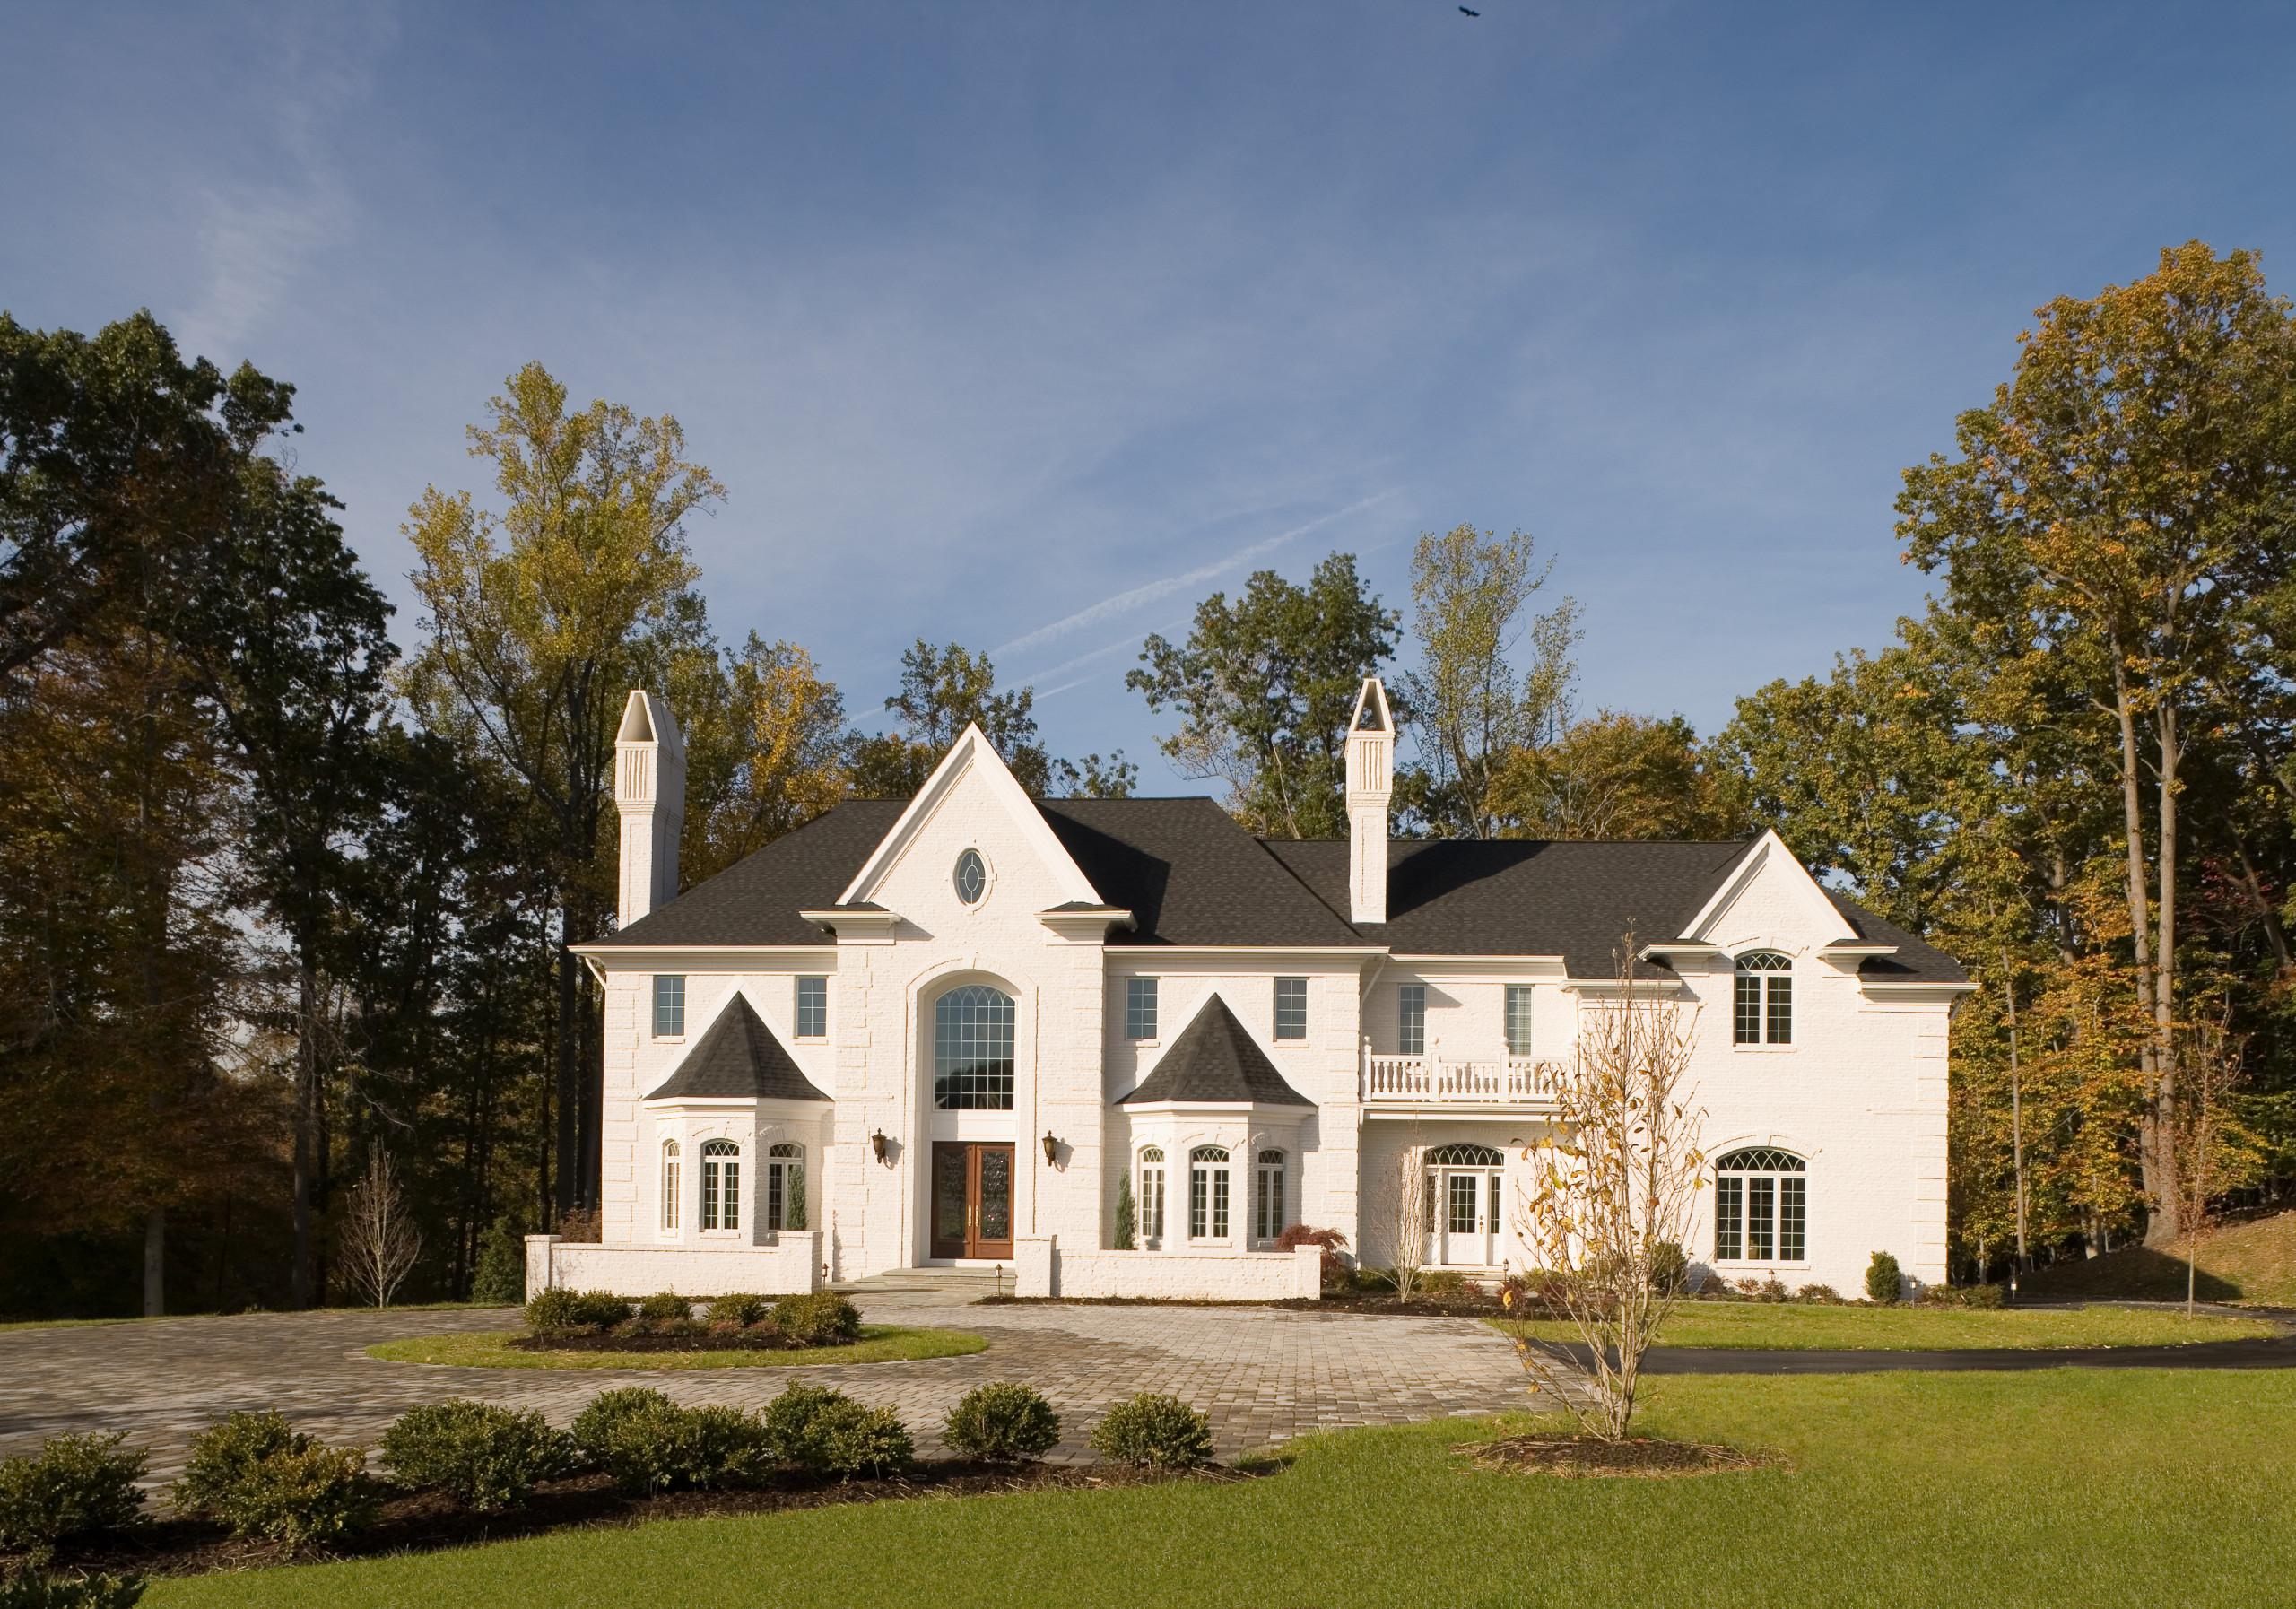 Certified Luxury Builders - J Paul Builders - Baltimore, MD - Custom Home 2